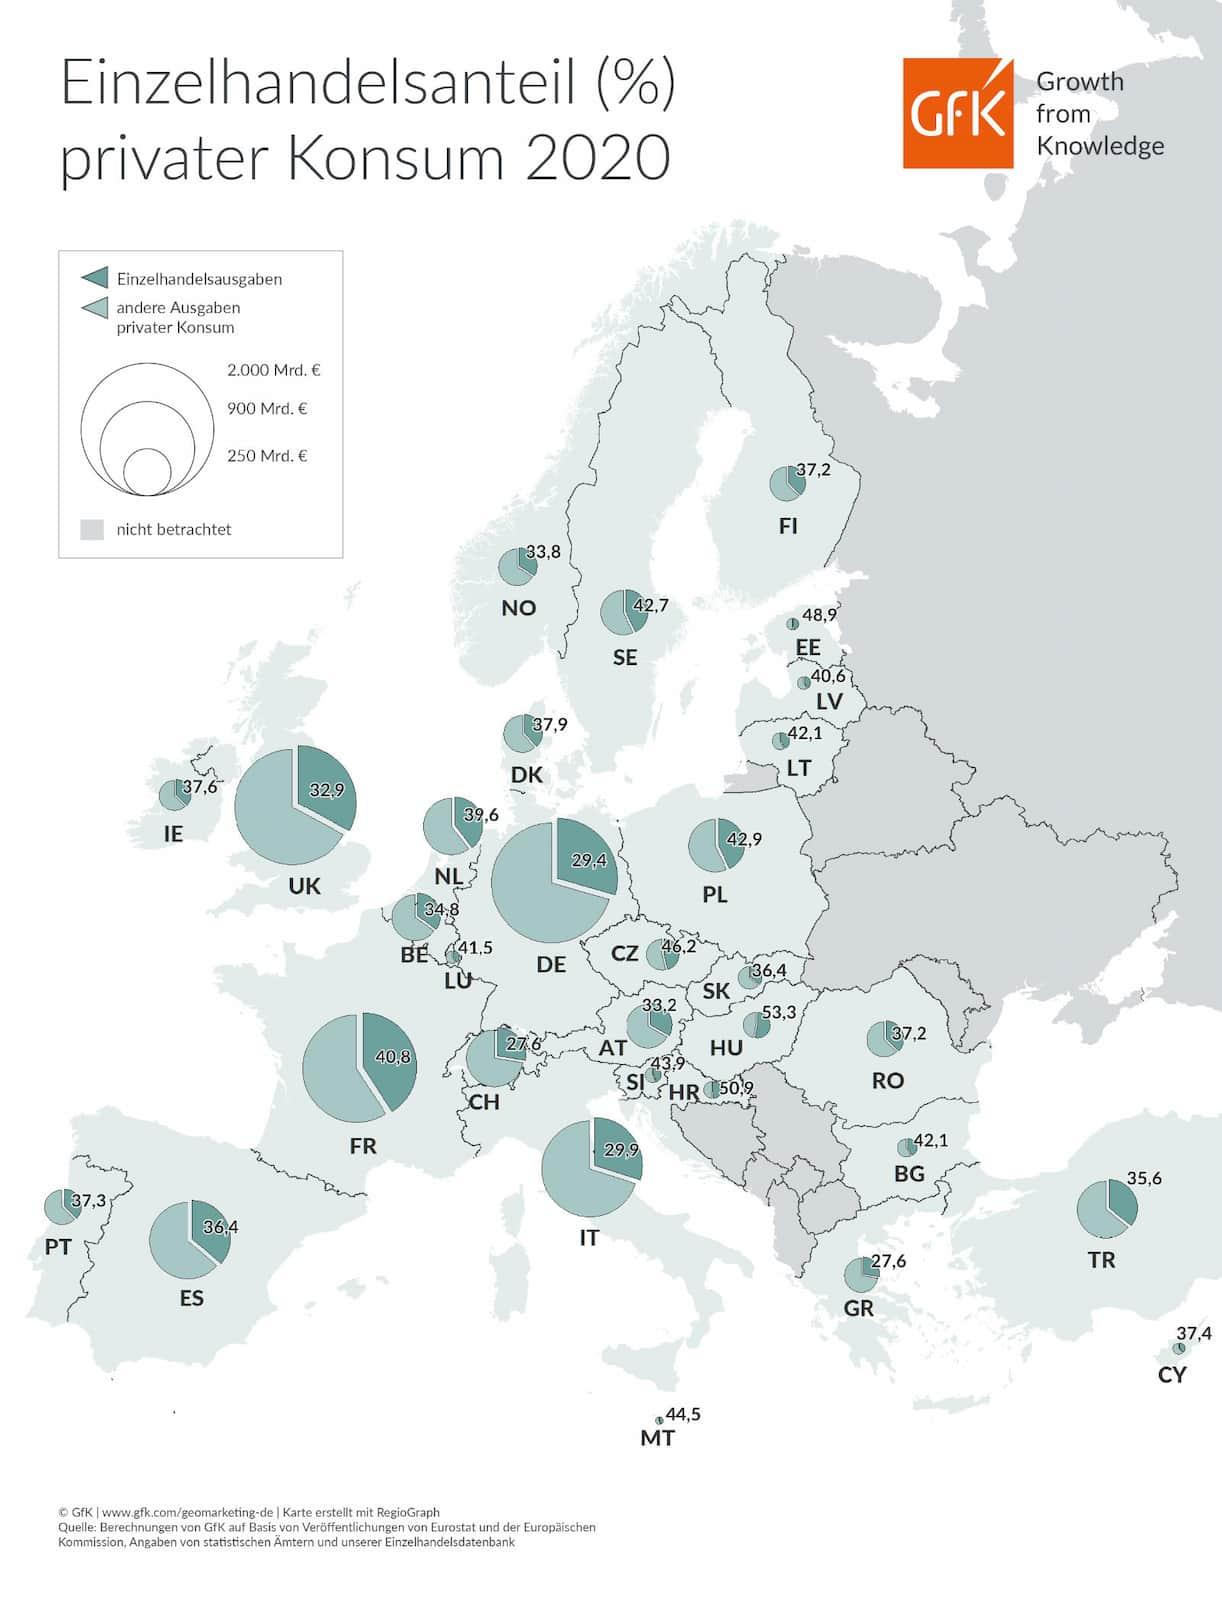 Trotz Herausforderungen behauptet sich der Einzelhandel europaweit.